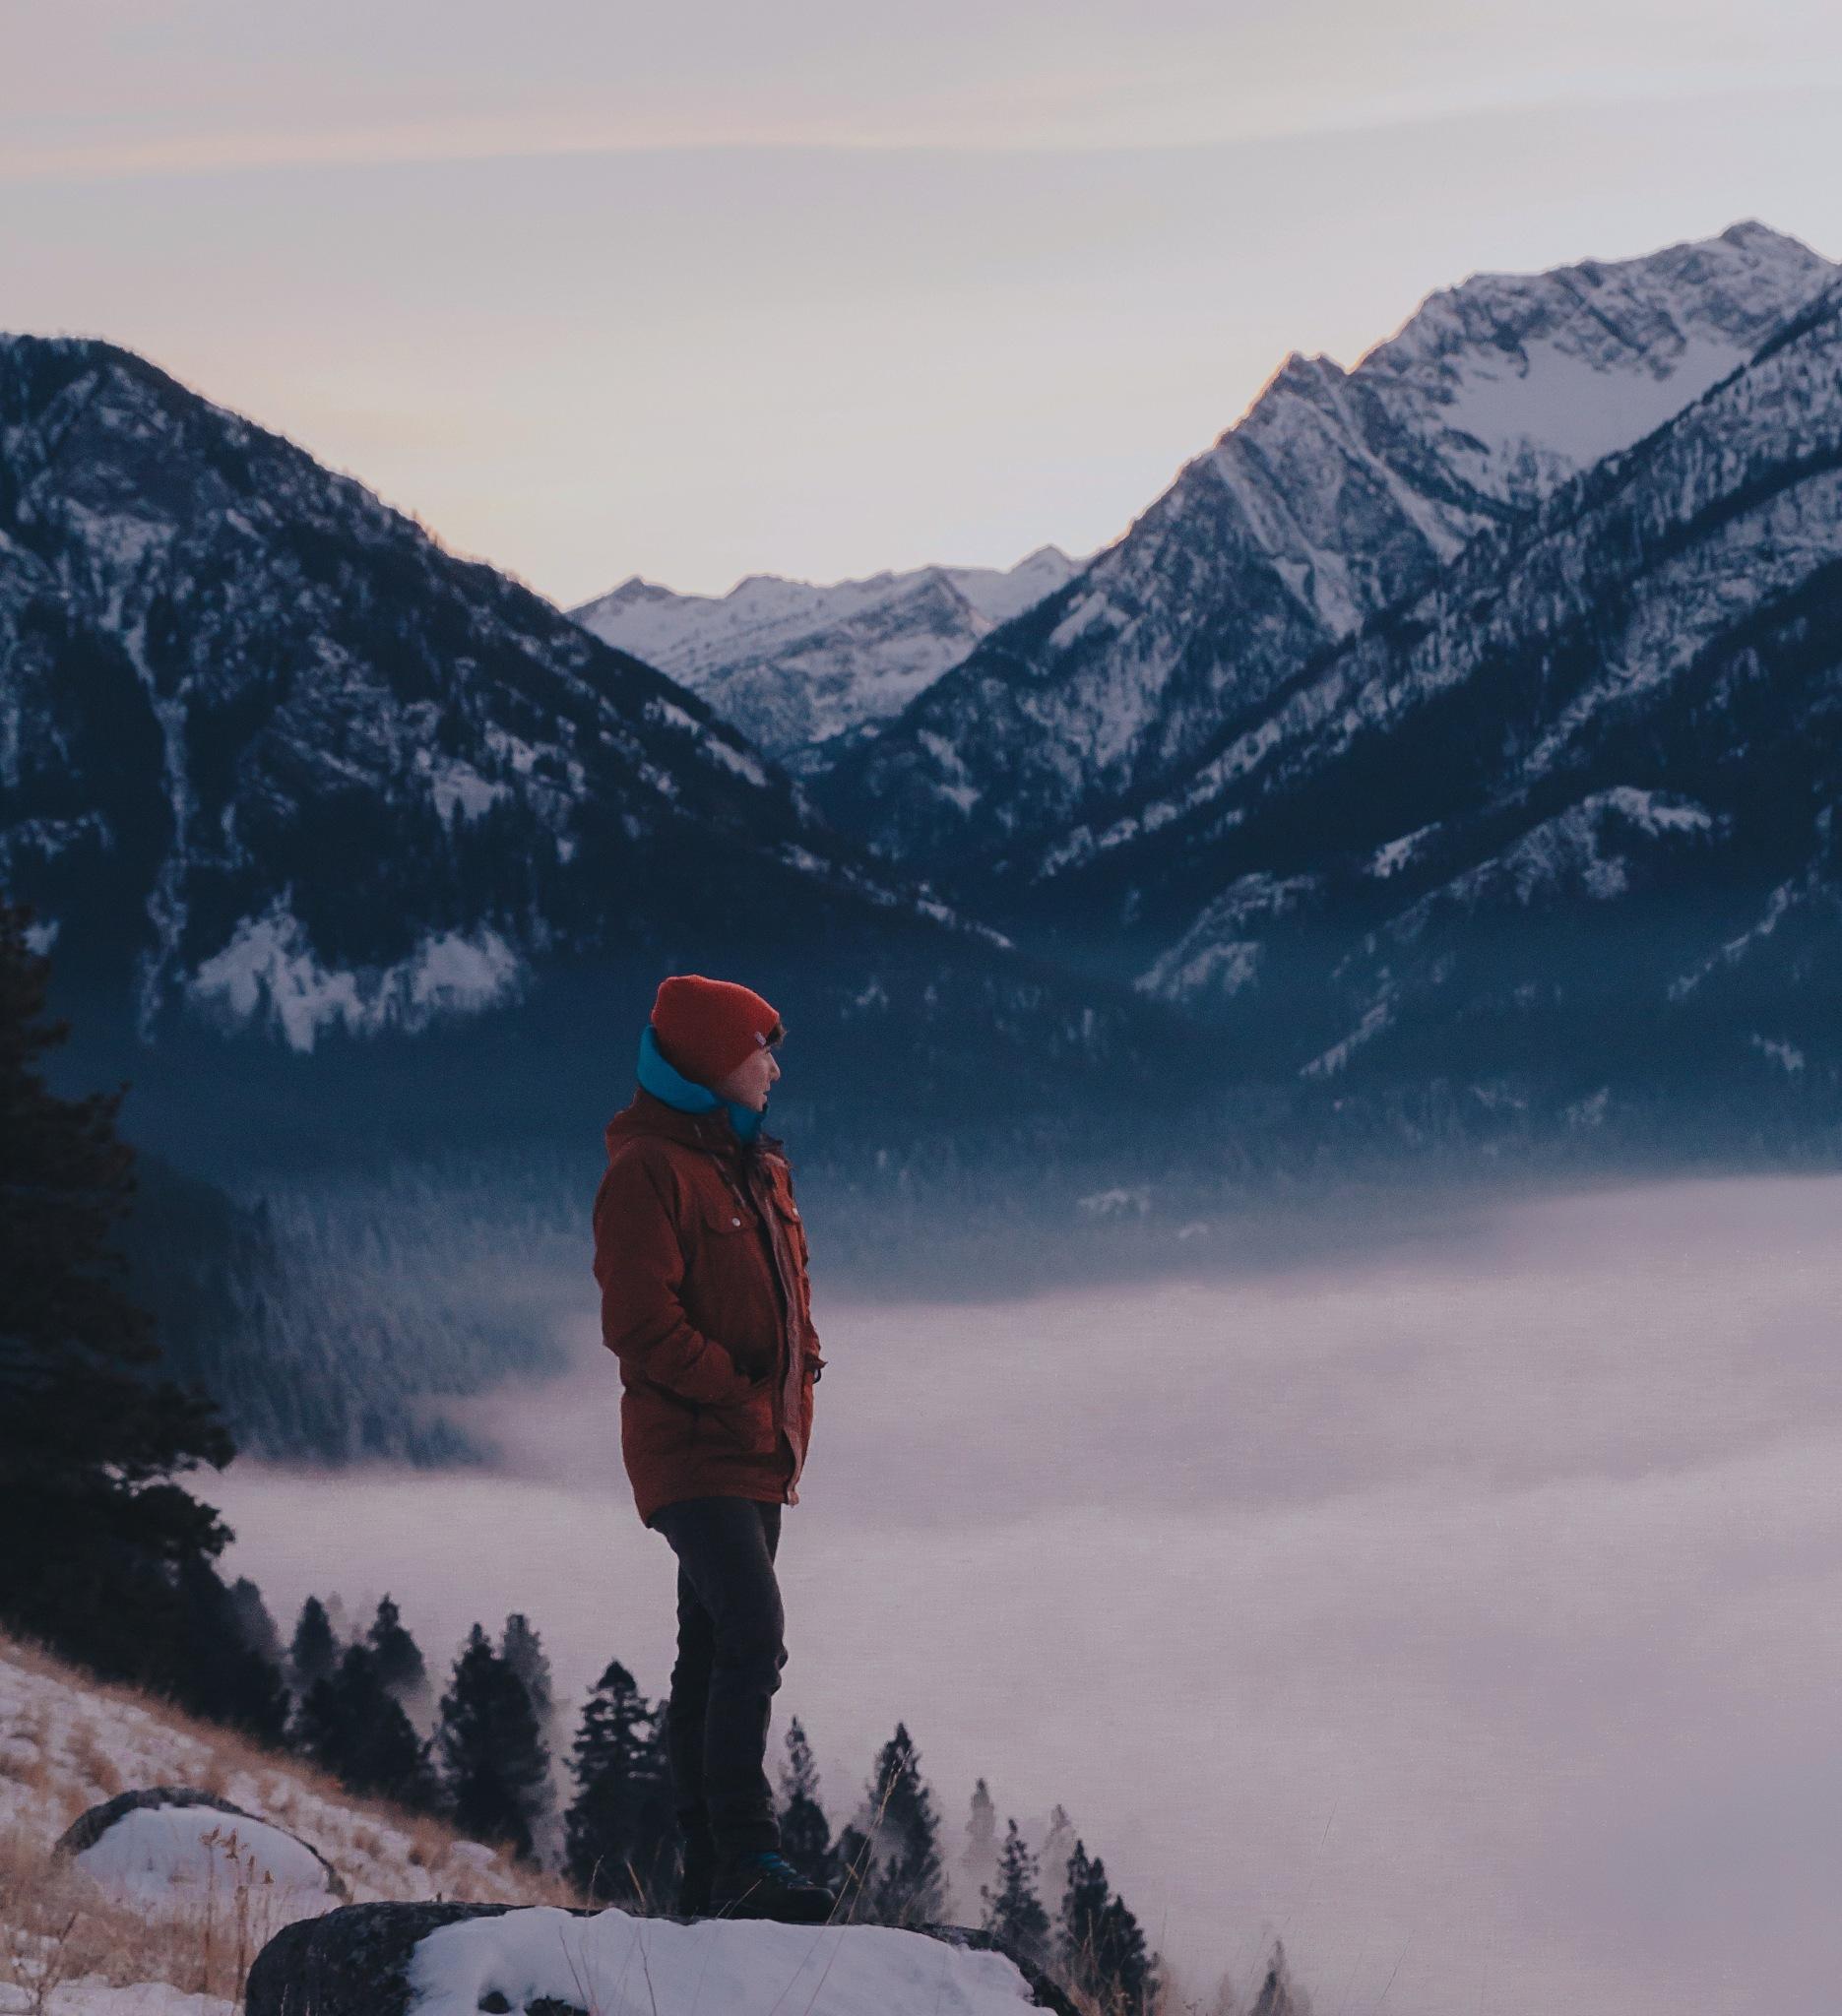 Mt. Joseph by Kate Devine